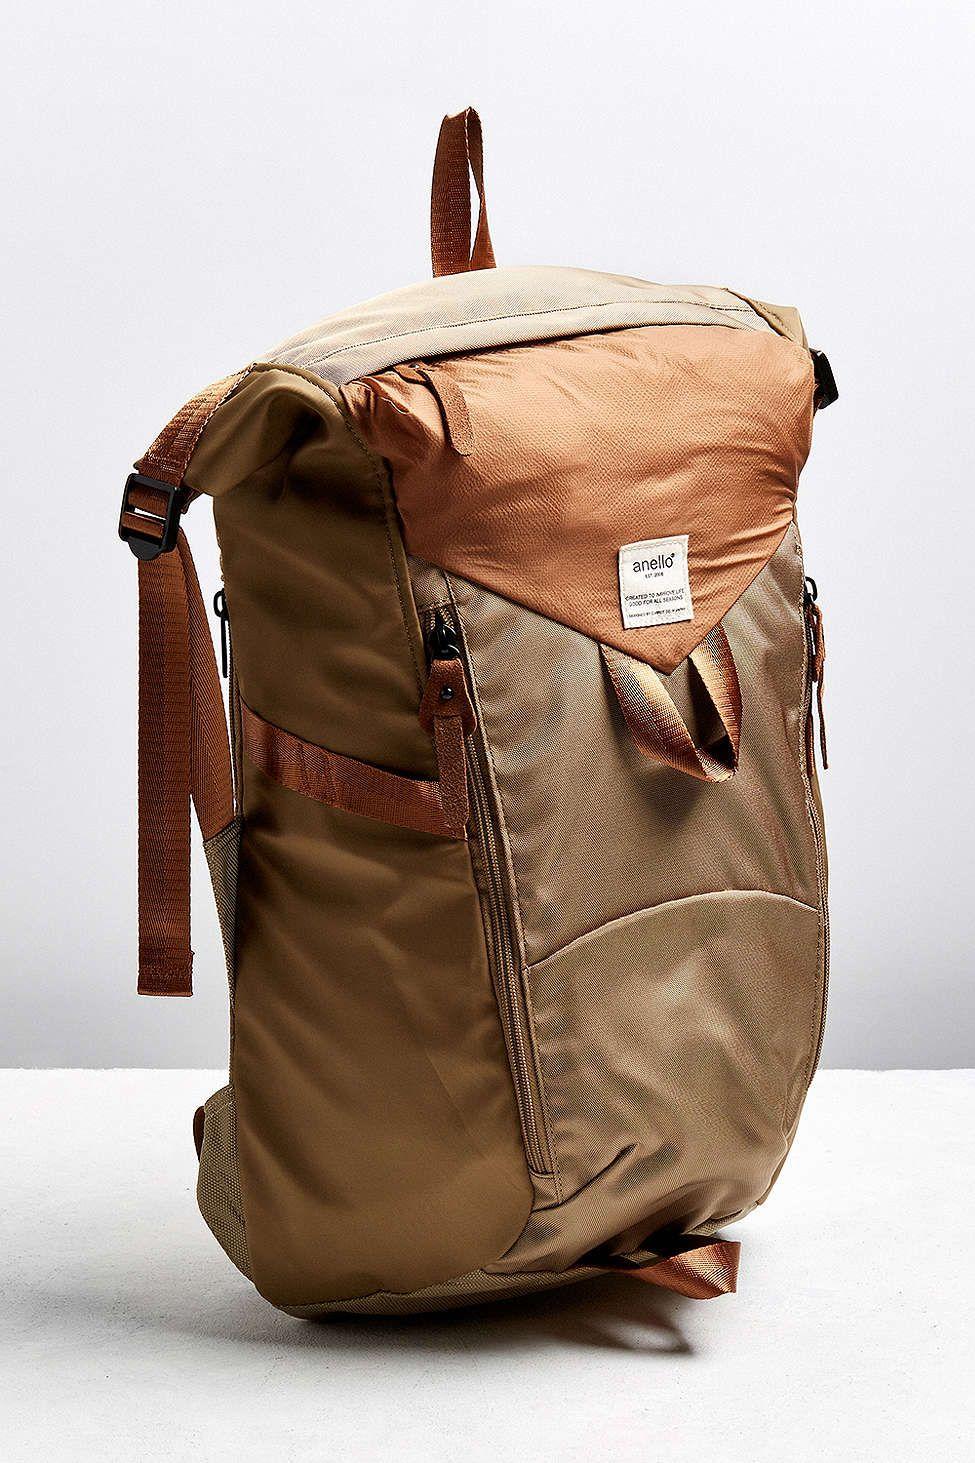 Anello Nylon Strap Backpack. Rucksack BackpackBag ...